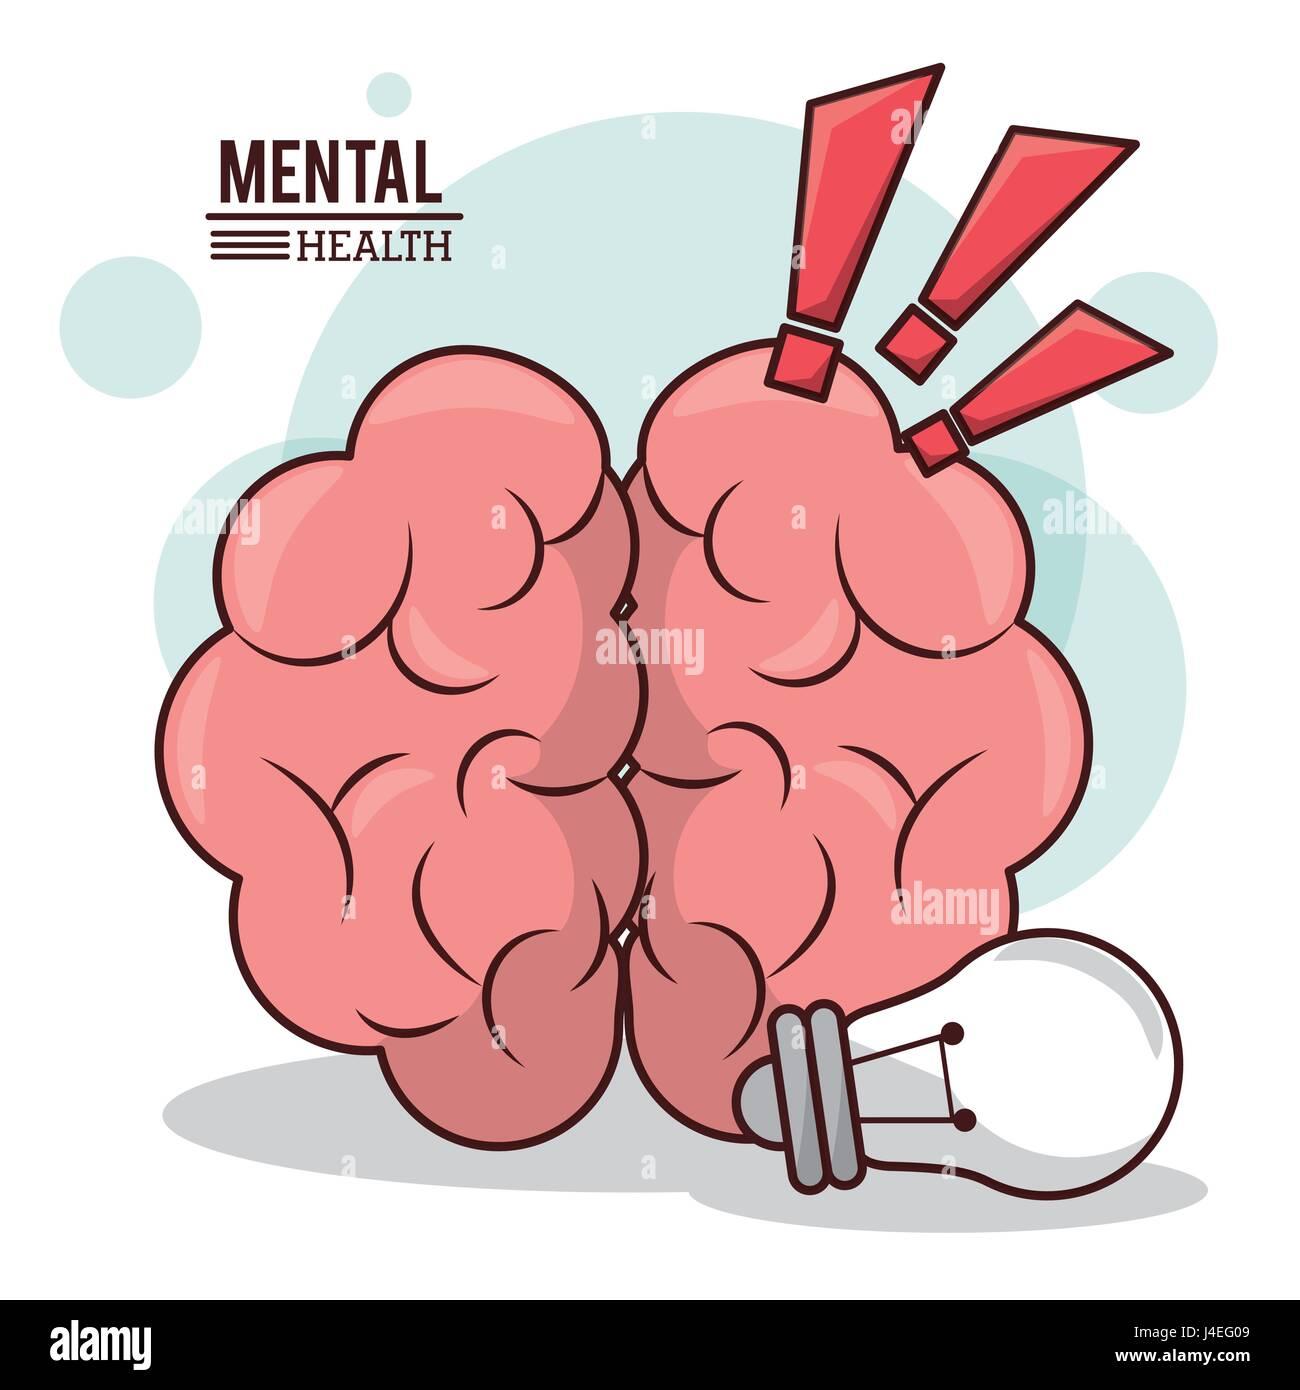 La salud mental, el cerebro humano idea exclamación design Imagen De Stock